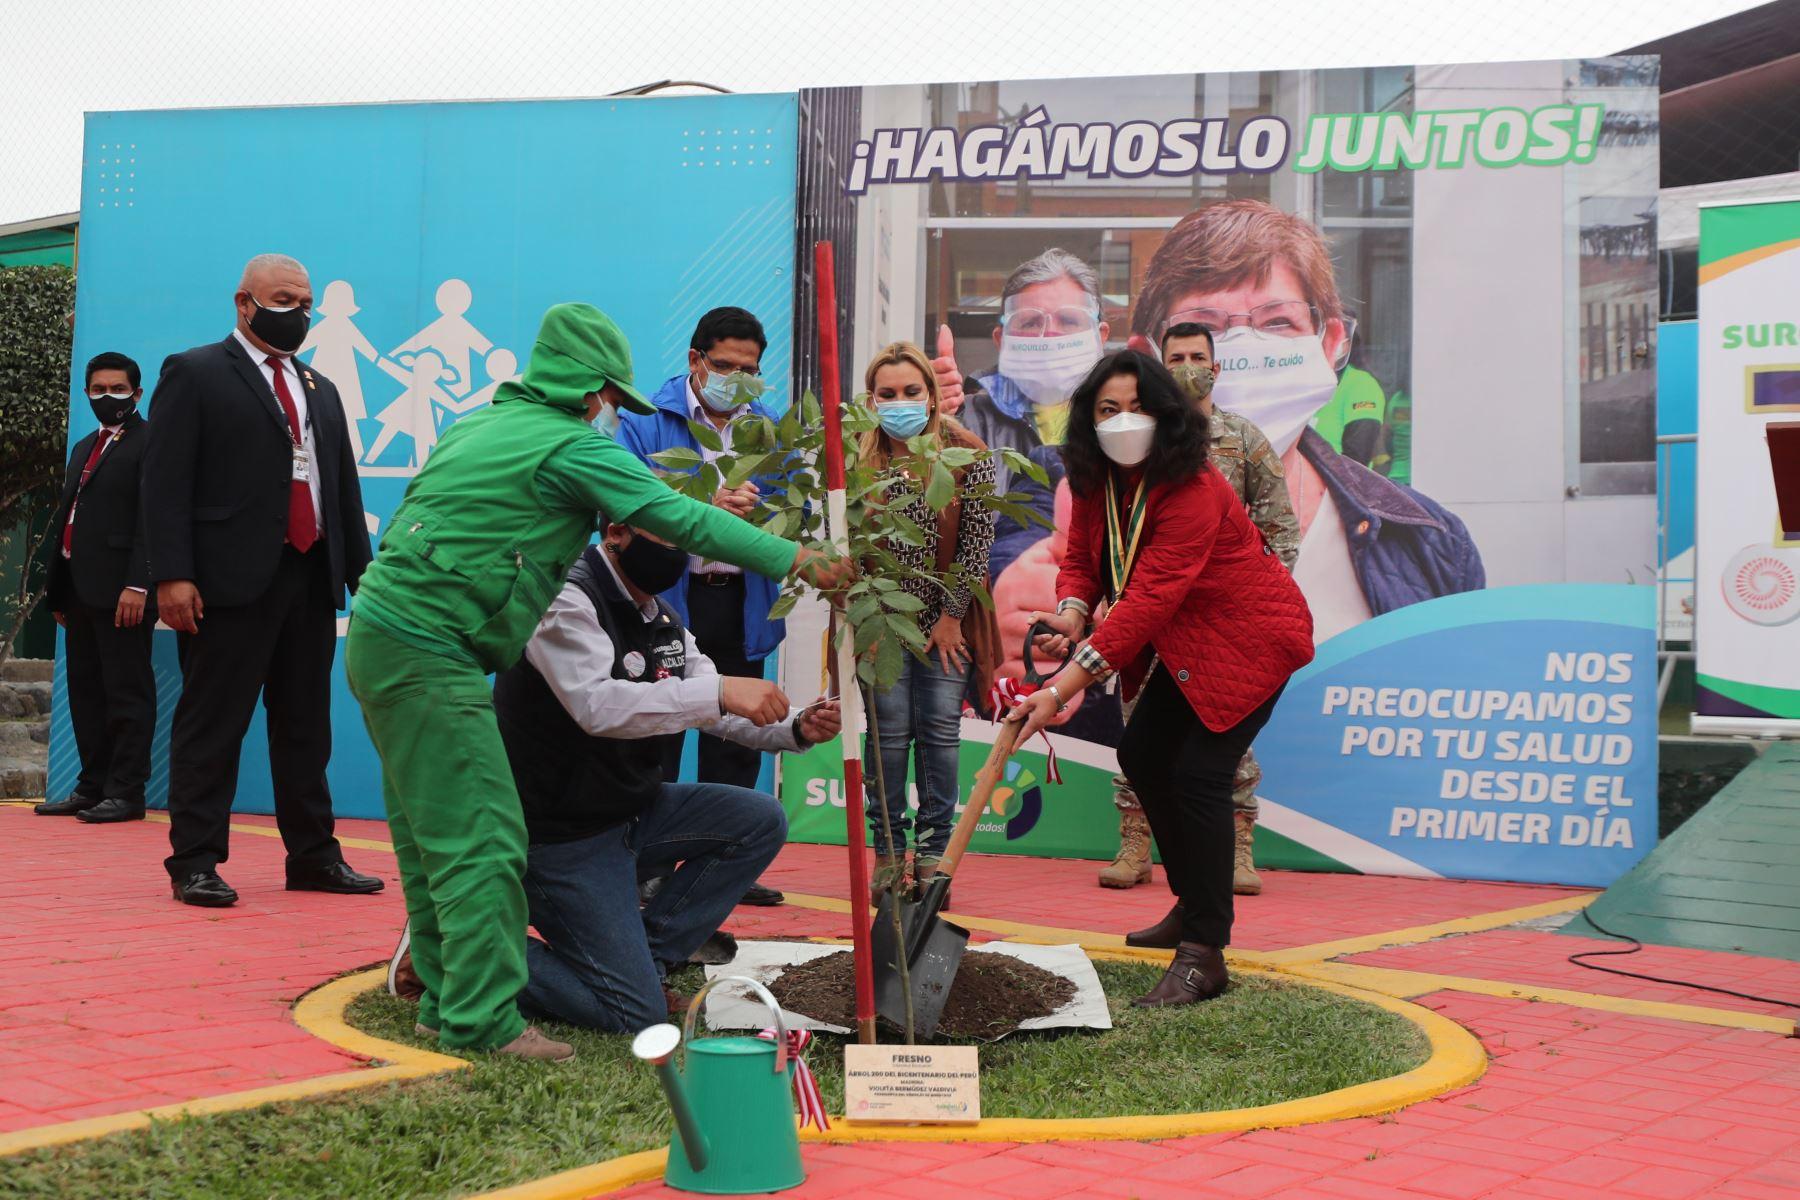 La presidenta del Consejo de Ministros, Violeta Bermúdez junto a la presidenta ejecutiva de EsSalud y el alcalde de Surquillo, participan del Sembrado de 200 árboles por su 72 aniversario. Foto: PCM